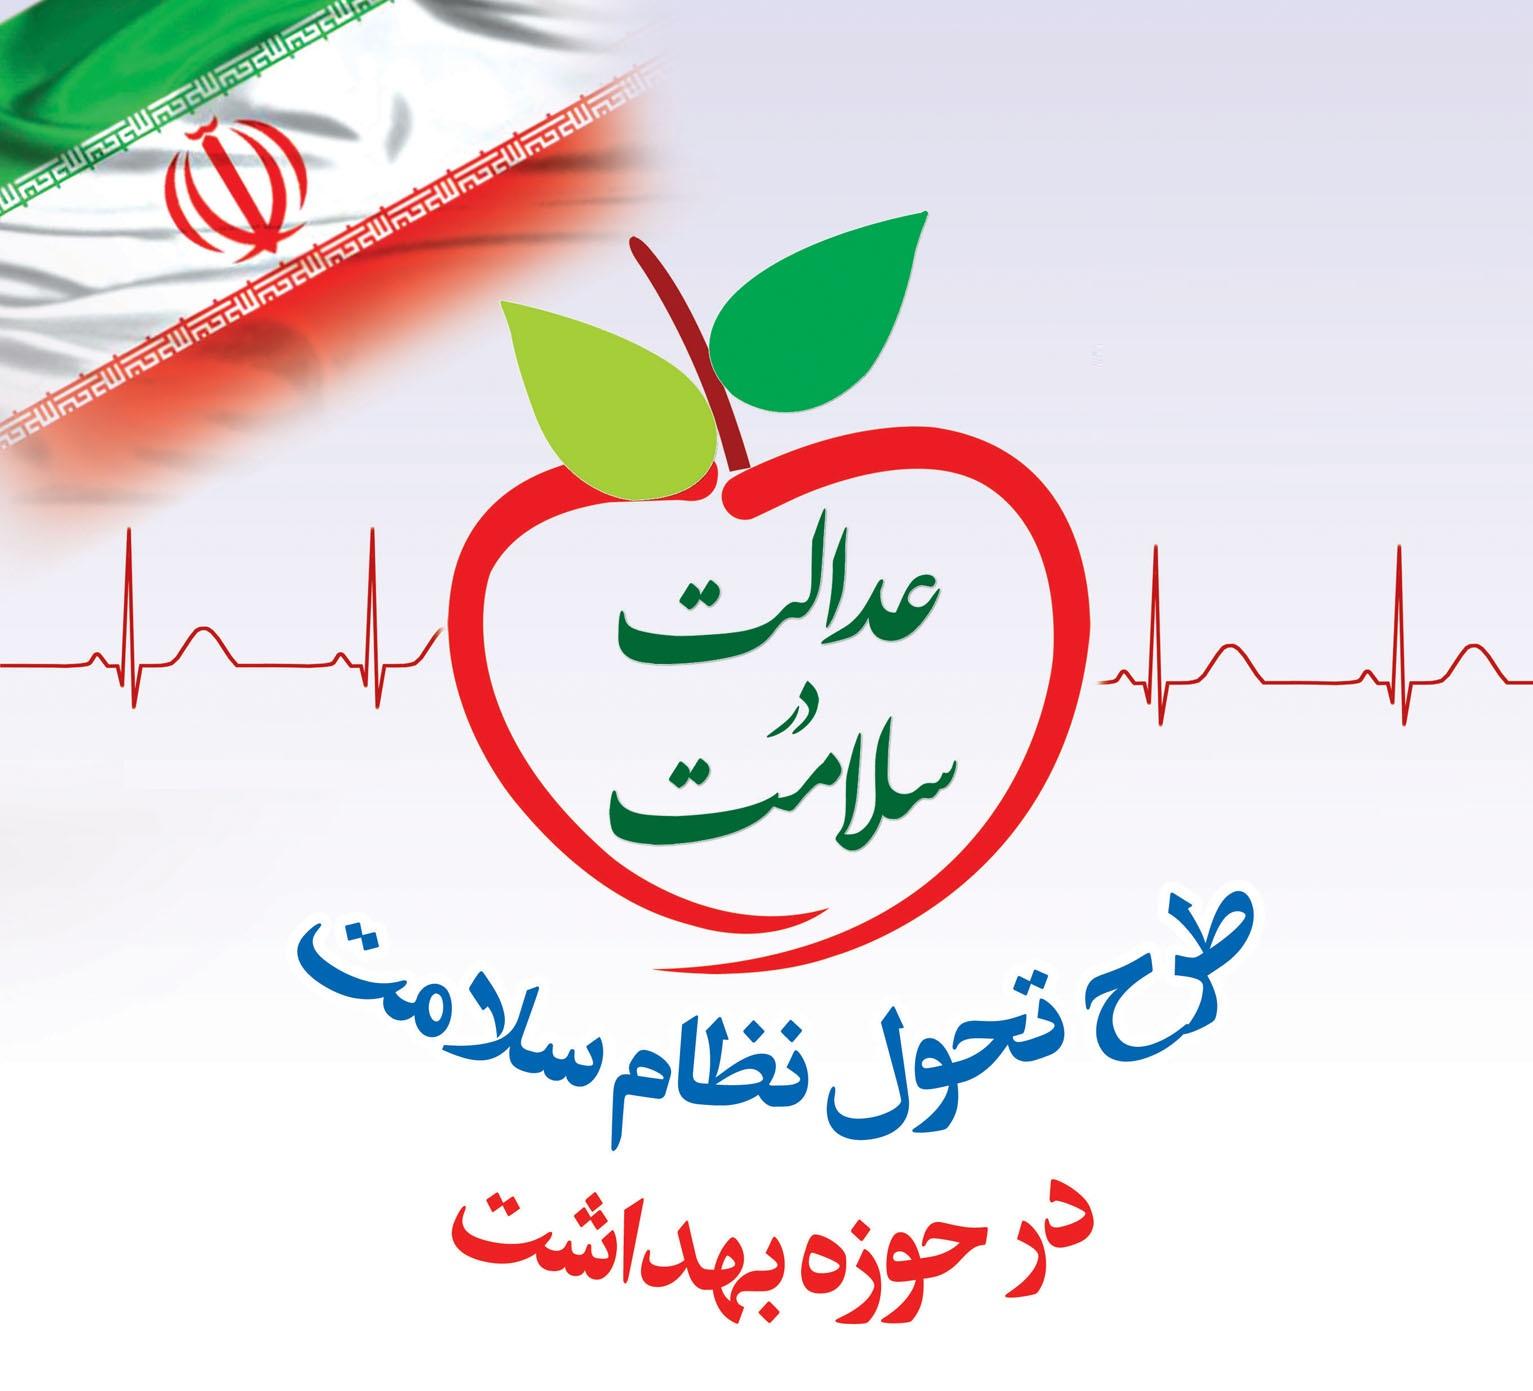 احتمال توقف طرح تحول سلامت در دزفول به دلیل عدم وصول مطالبات پزشکی دزفول